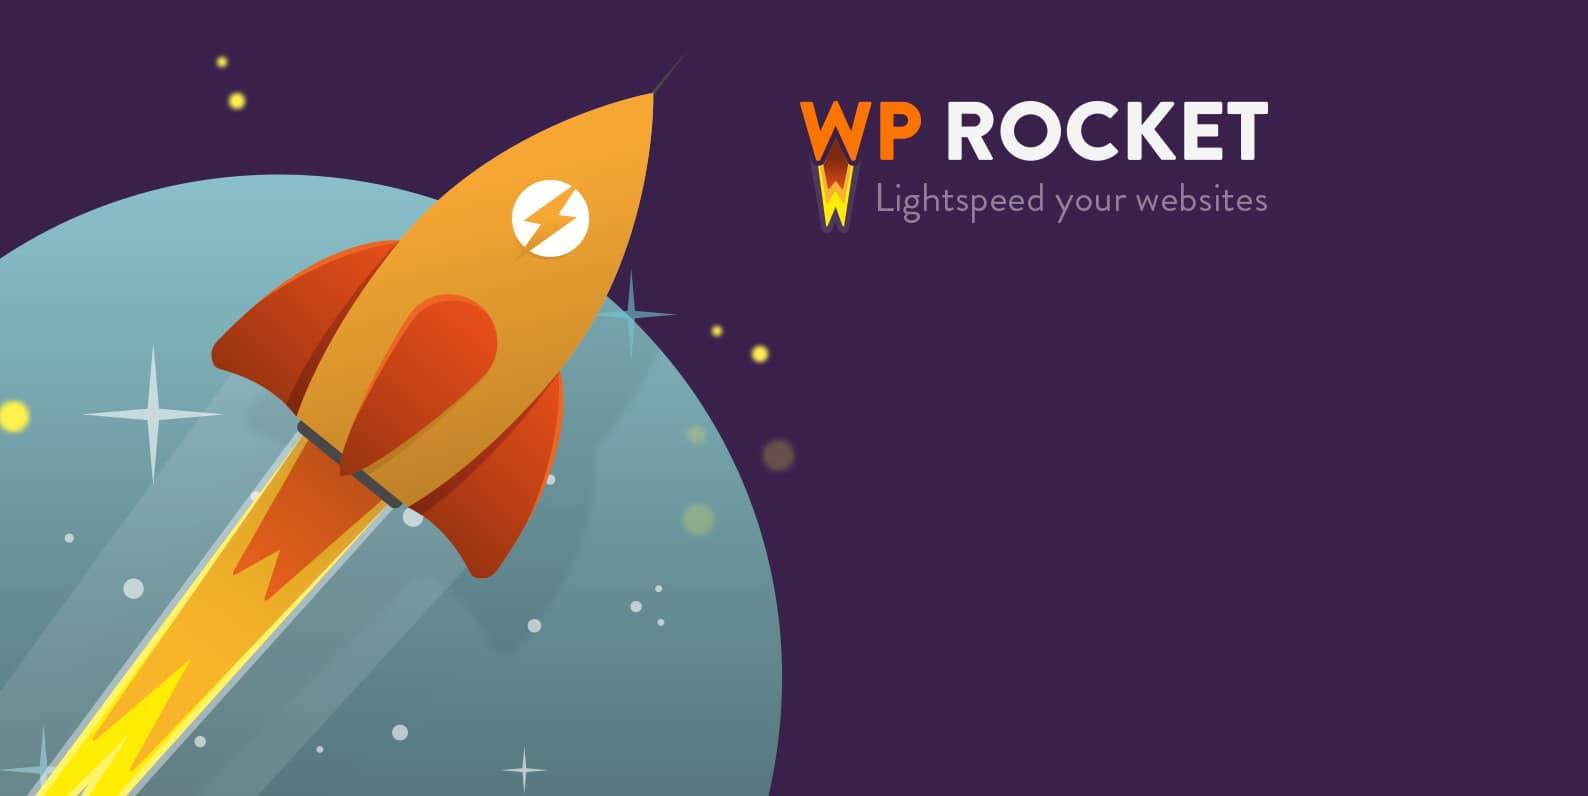 معرفی پلاگین کش WP Rocket برای وردپرس